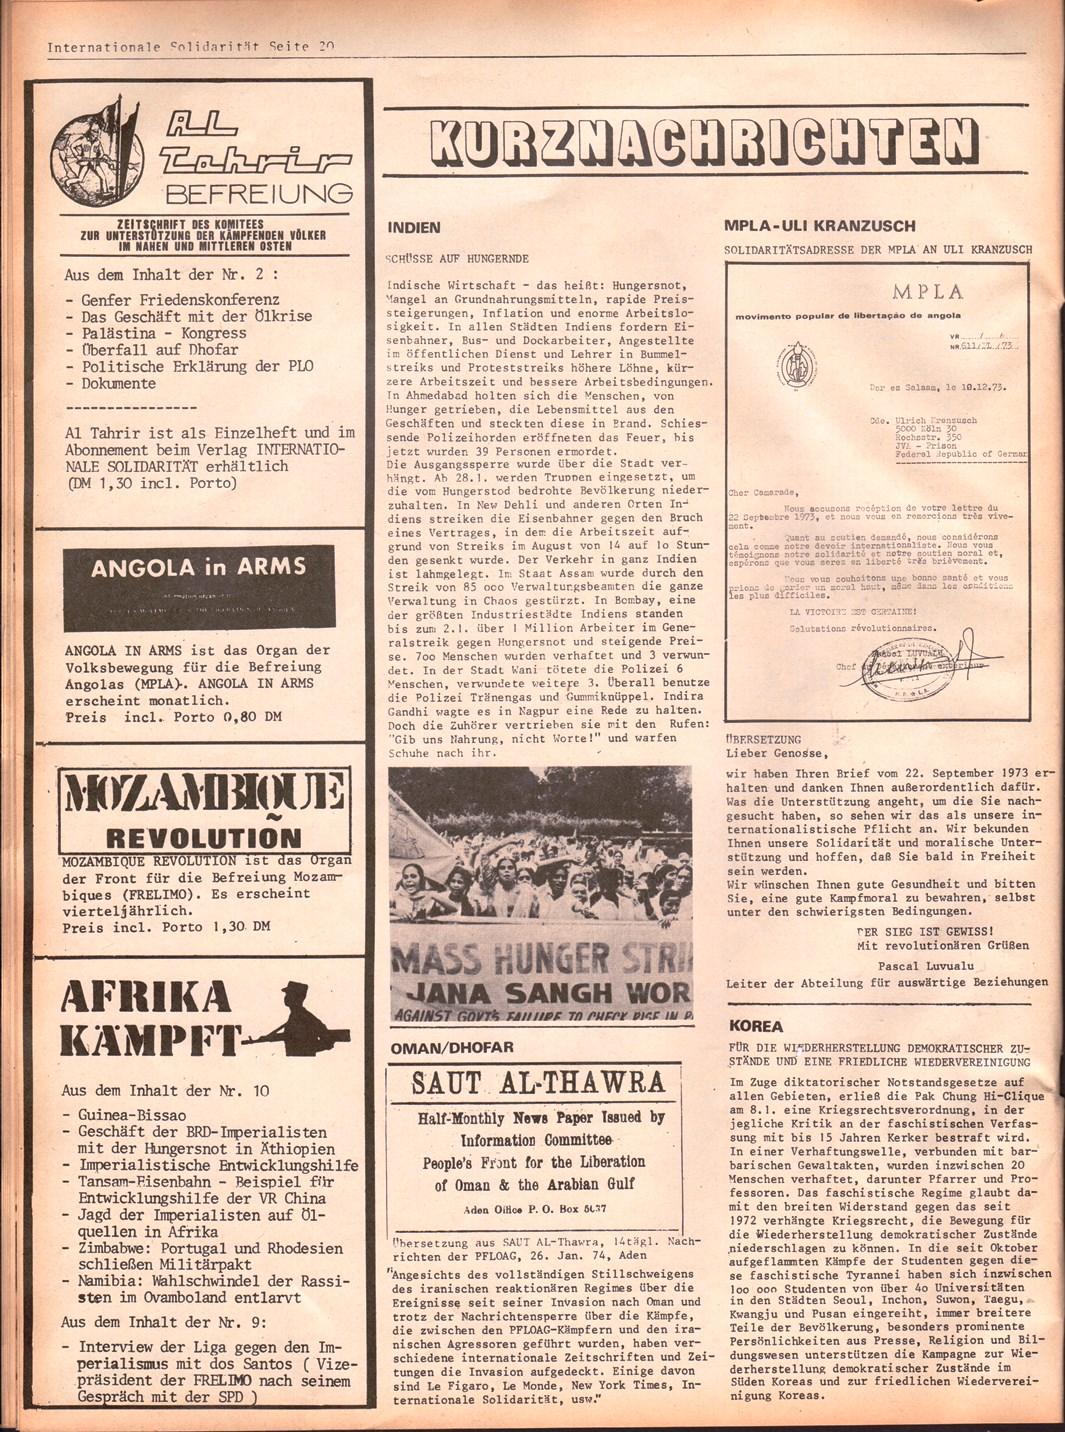 Liga_IS_1974_02_20